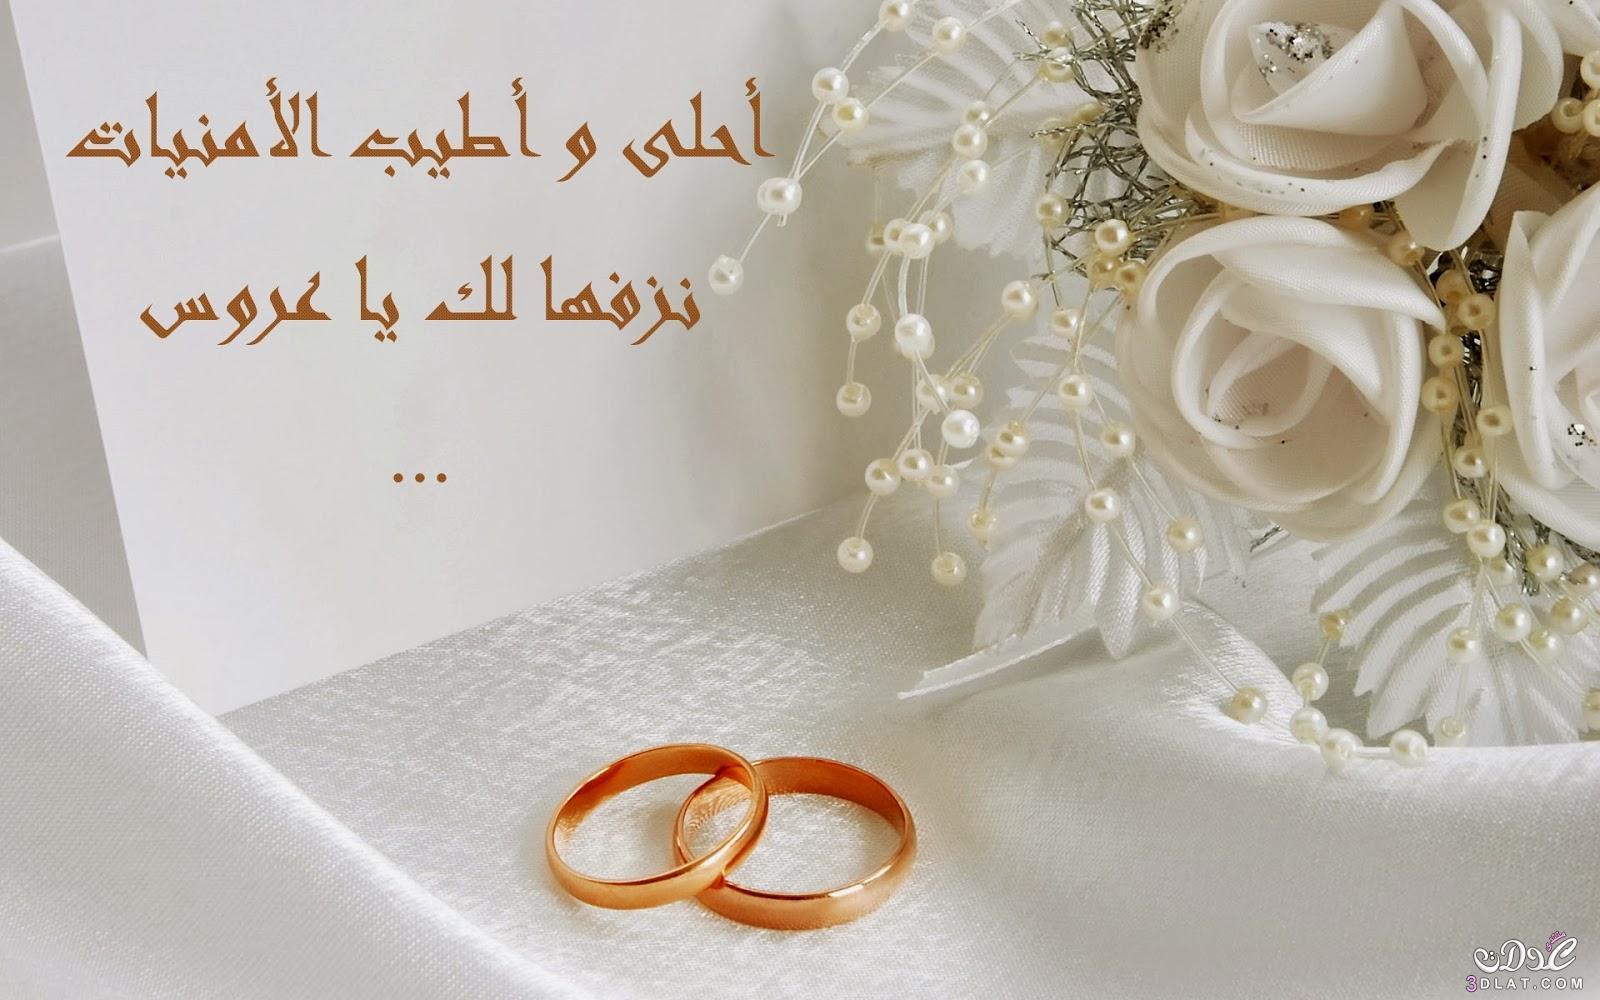 صور توبيكات زواج للعريس , اجمل تهنئة حب من اجل العريس